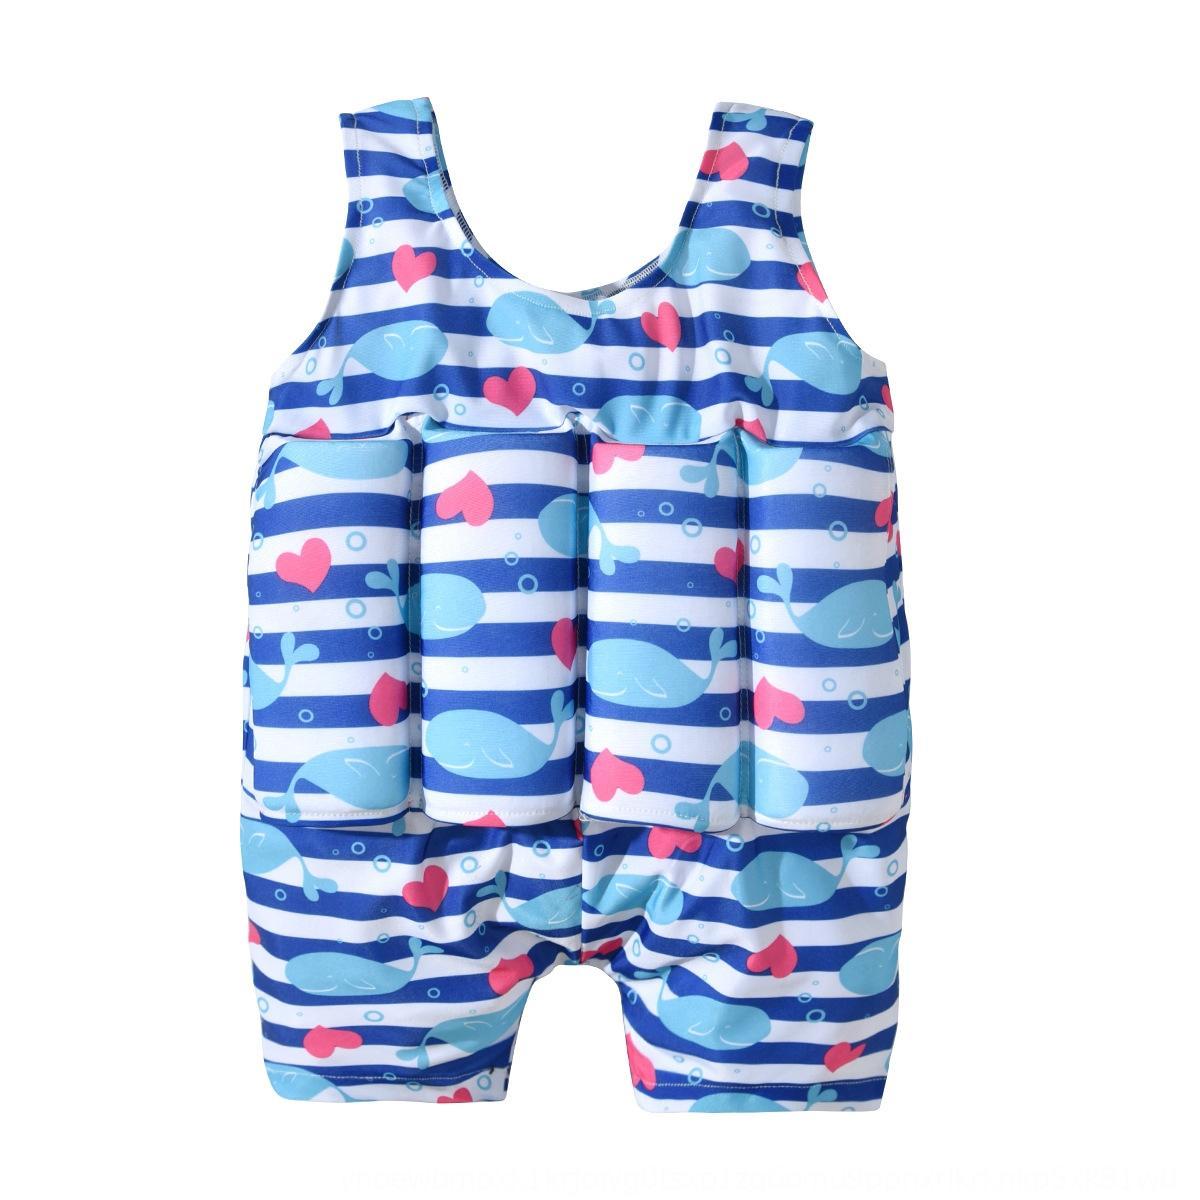 üzerinde Vsq06 19 yeni çocuk kız küçük balina aşk yüzme eğitimi tek parça 19 yeni çocuk kız küçük balina aşk yüzme eğitimi